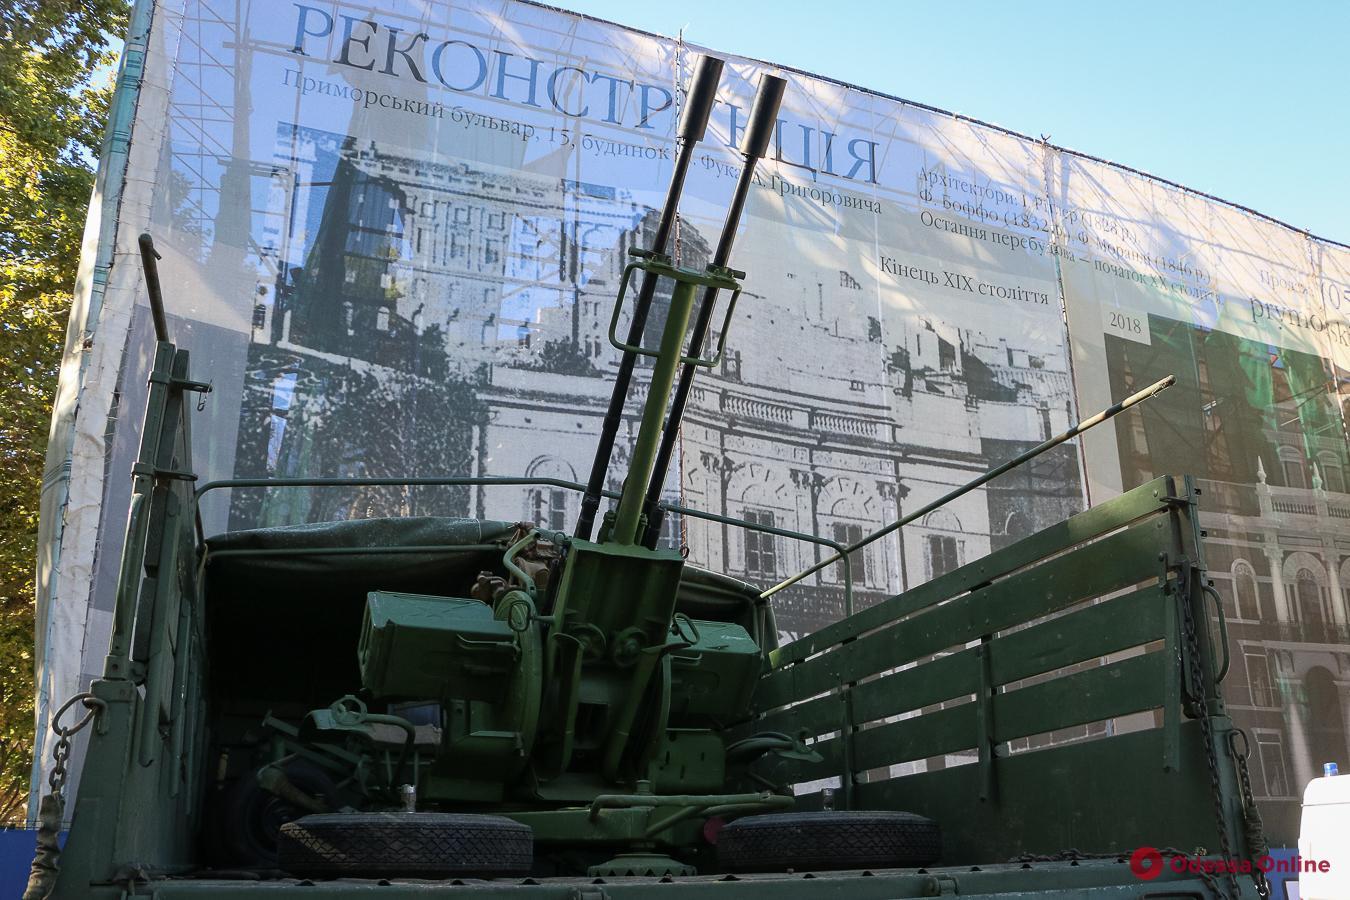 В День защитника Украины в Одессе выставили военную технику (фоторепортаж)